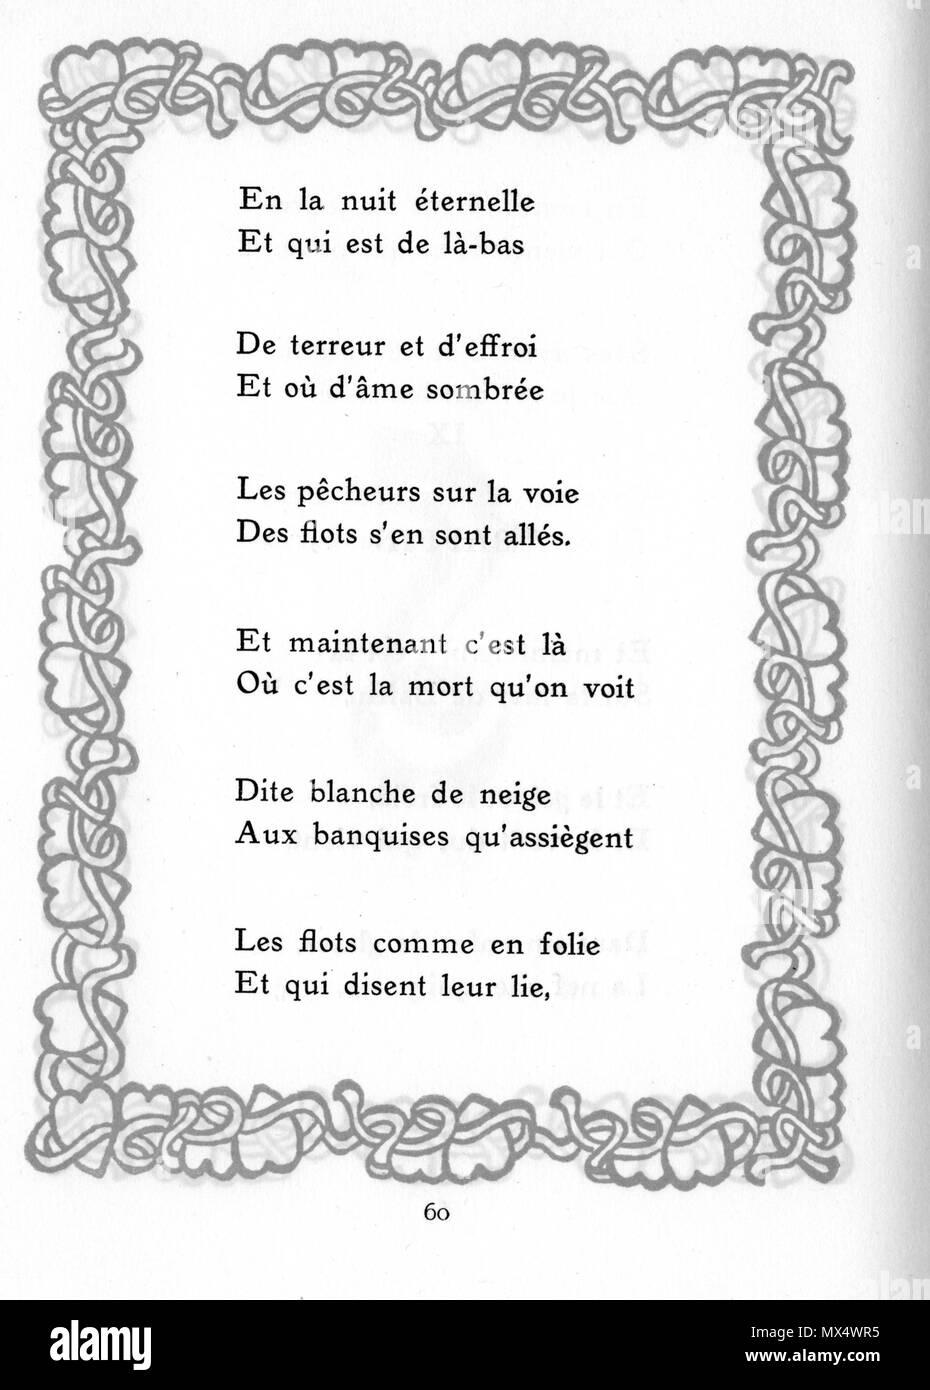 Français Baffin Extrais Poème De Chansons Damures